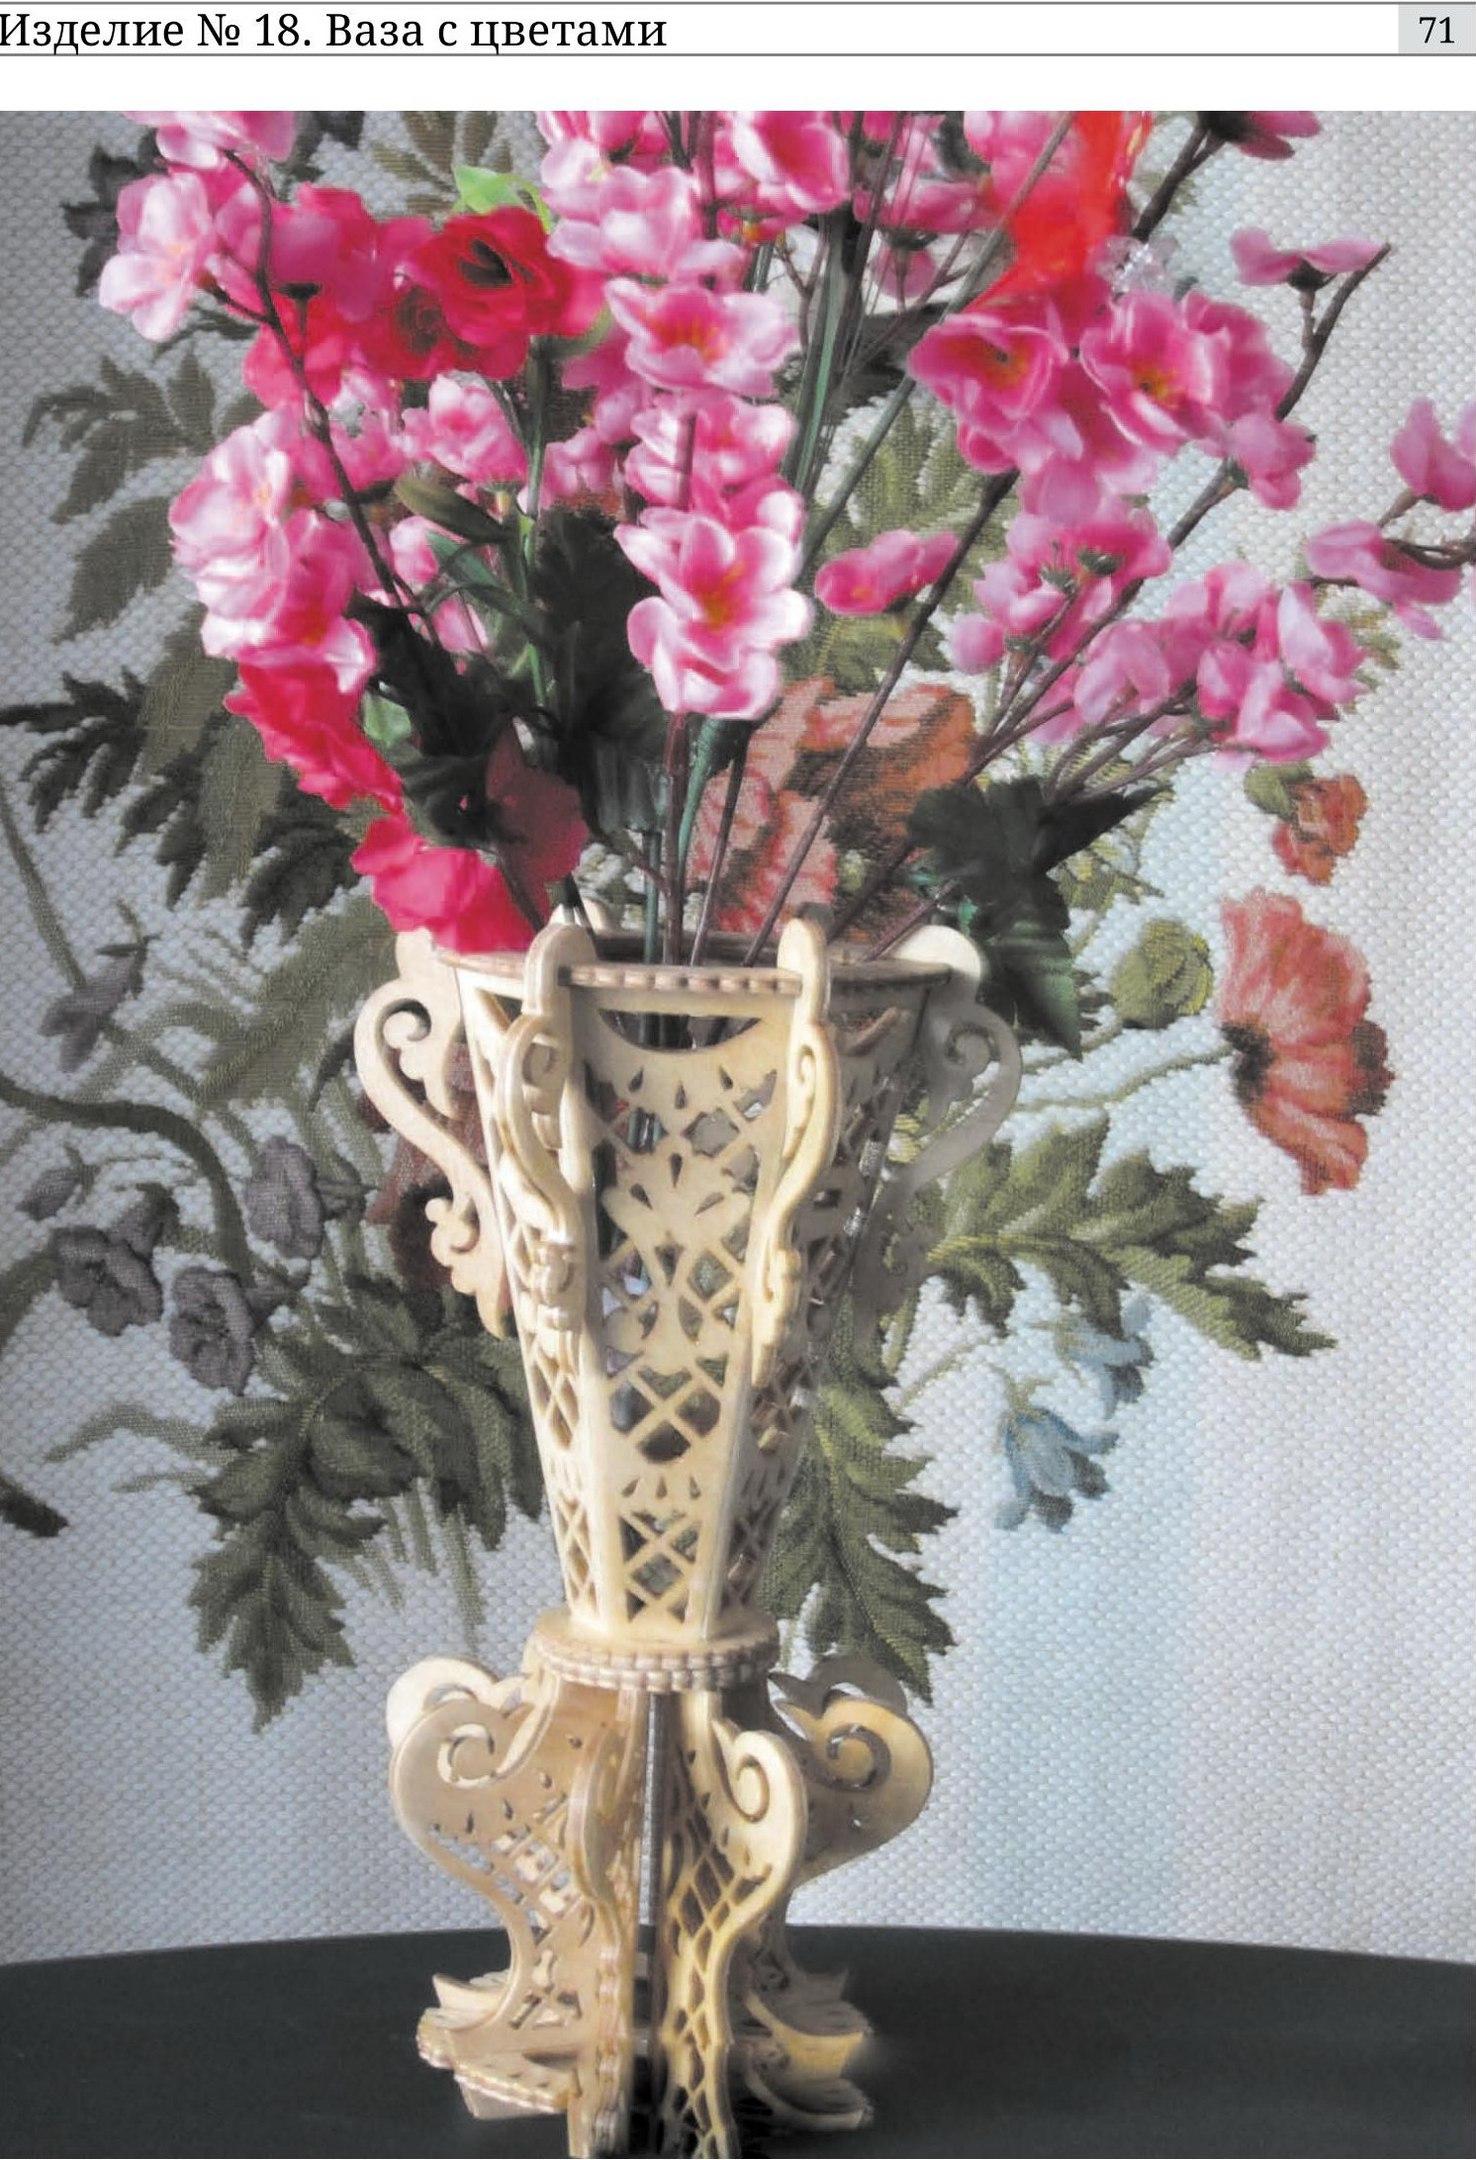 Vase Scroll Saw Pattern CNC Plans PDF File